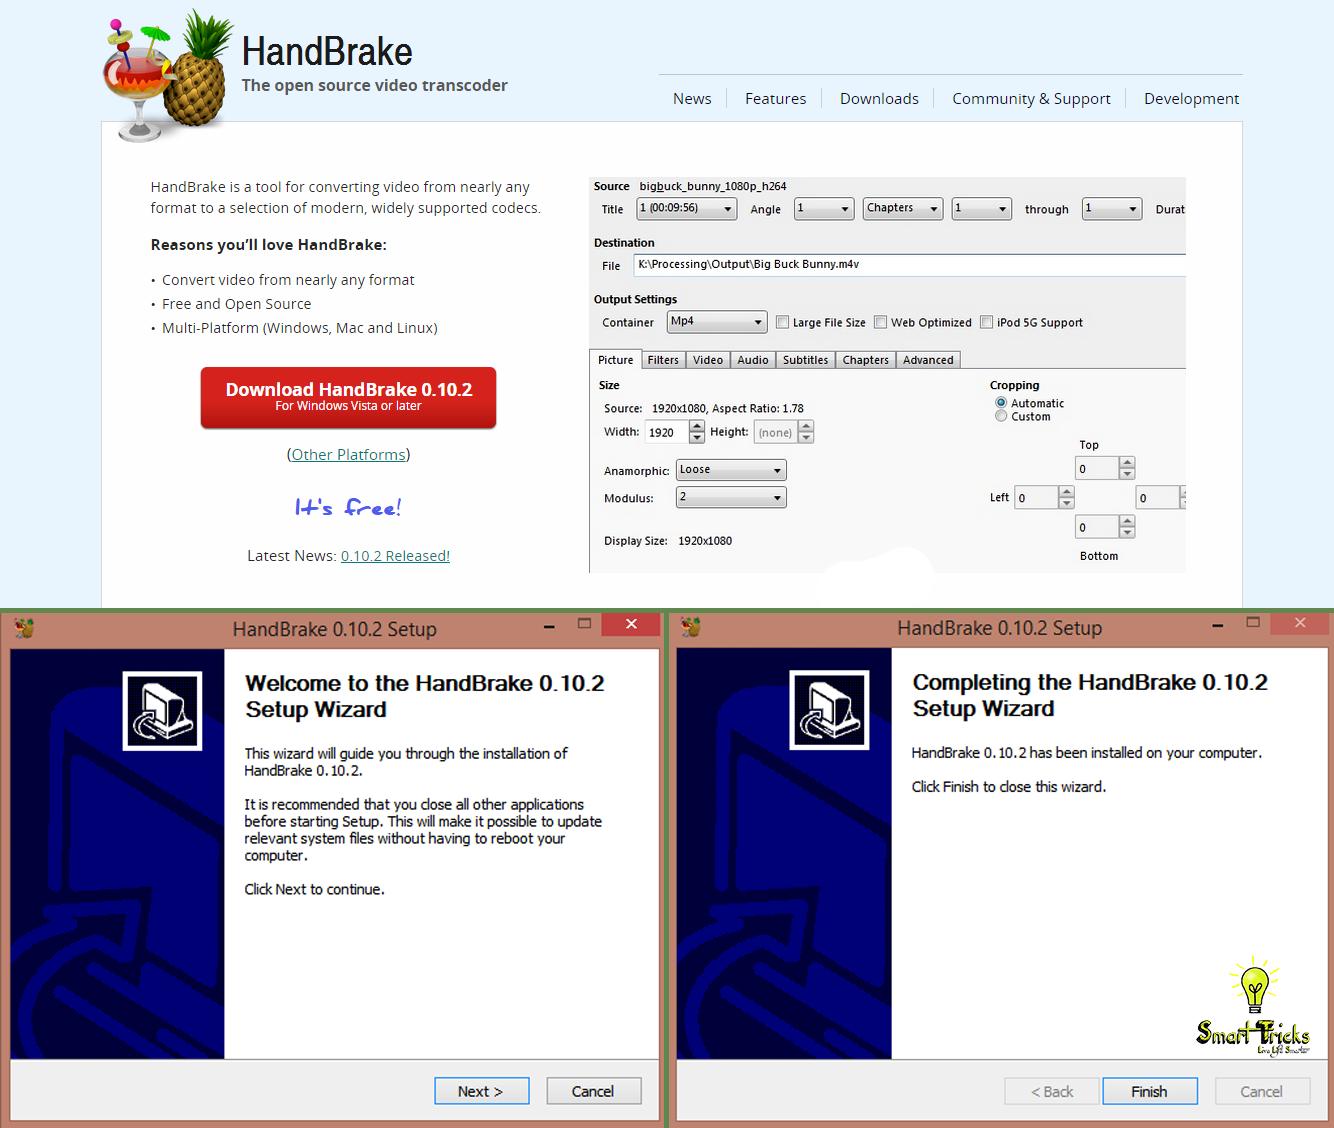 HandBrake download  SourceForgenet